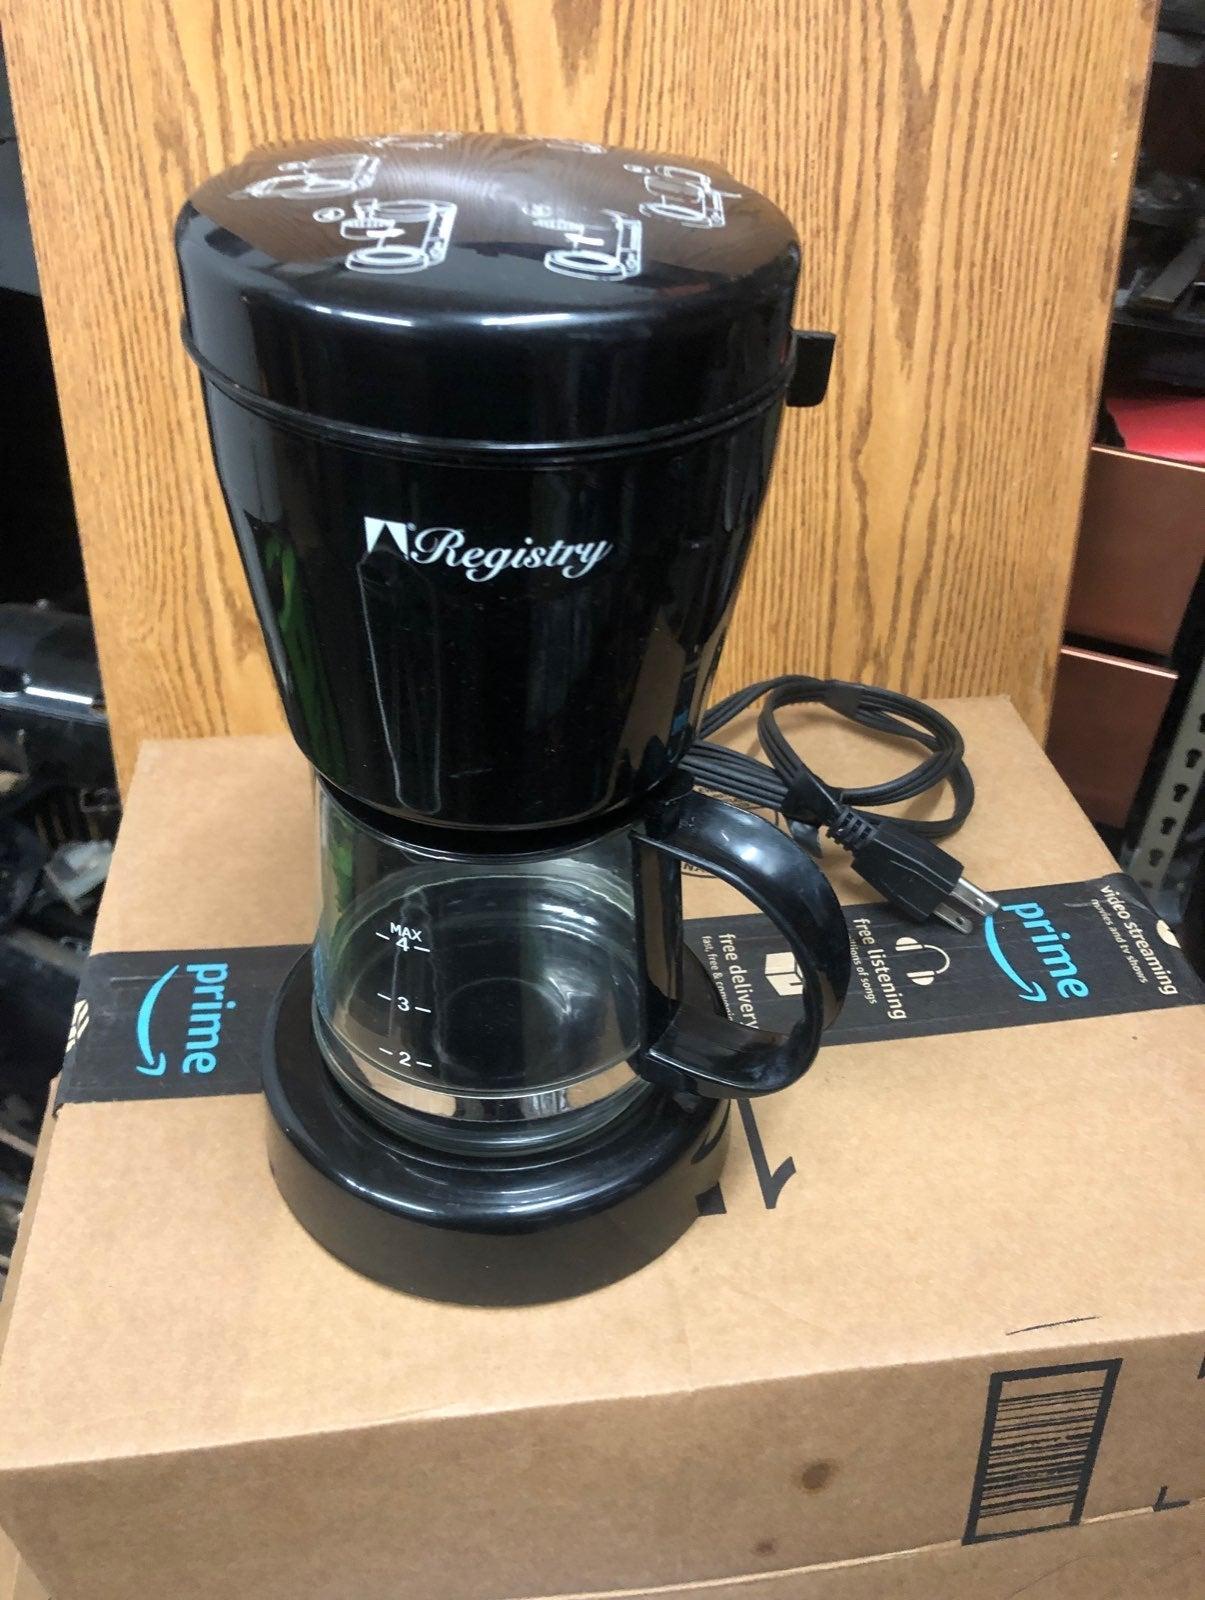 Registry - Coffee Maker. -eletronic